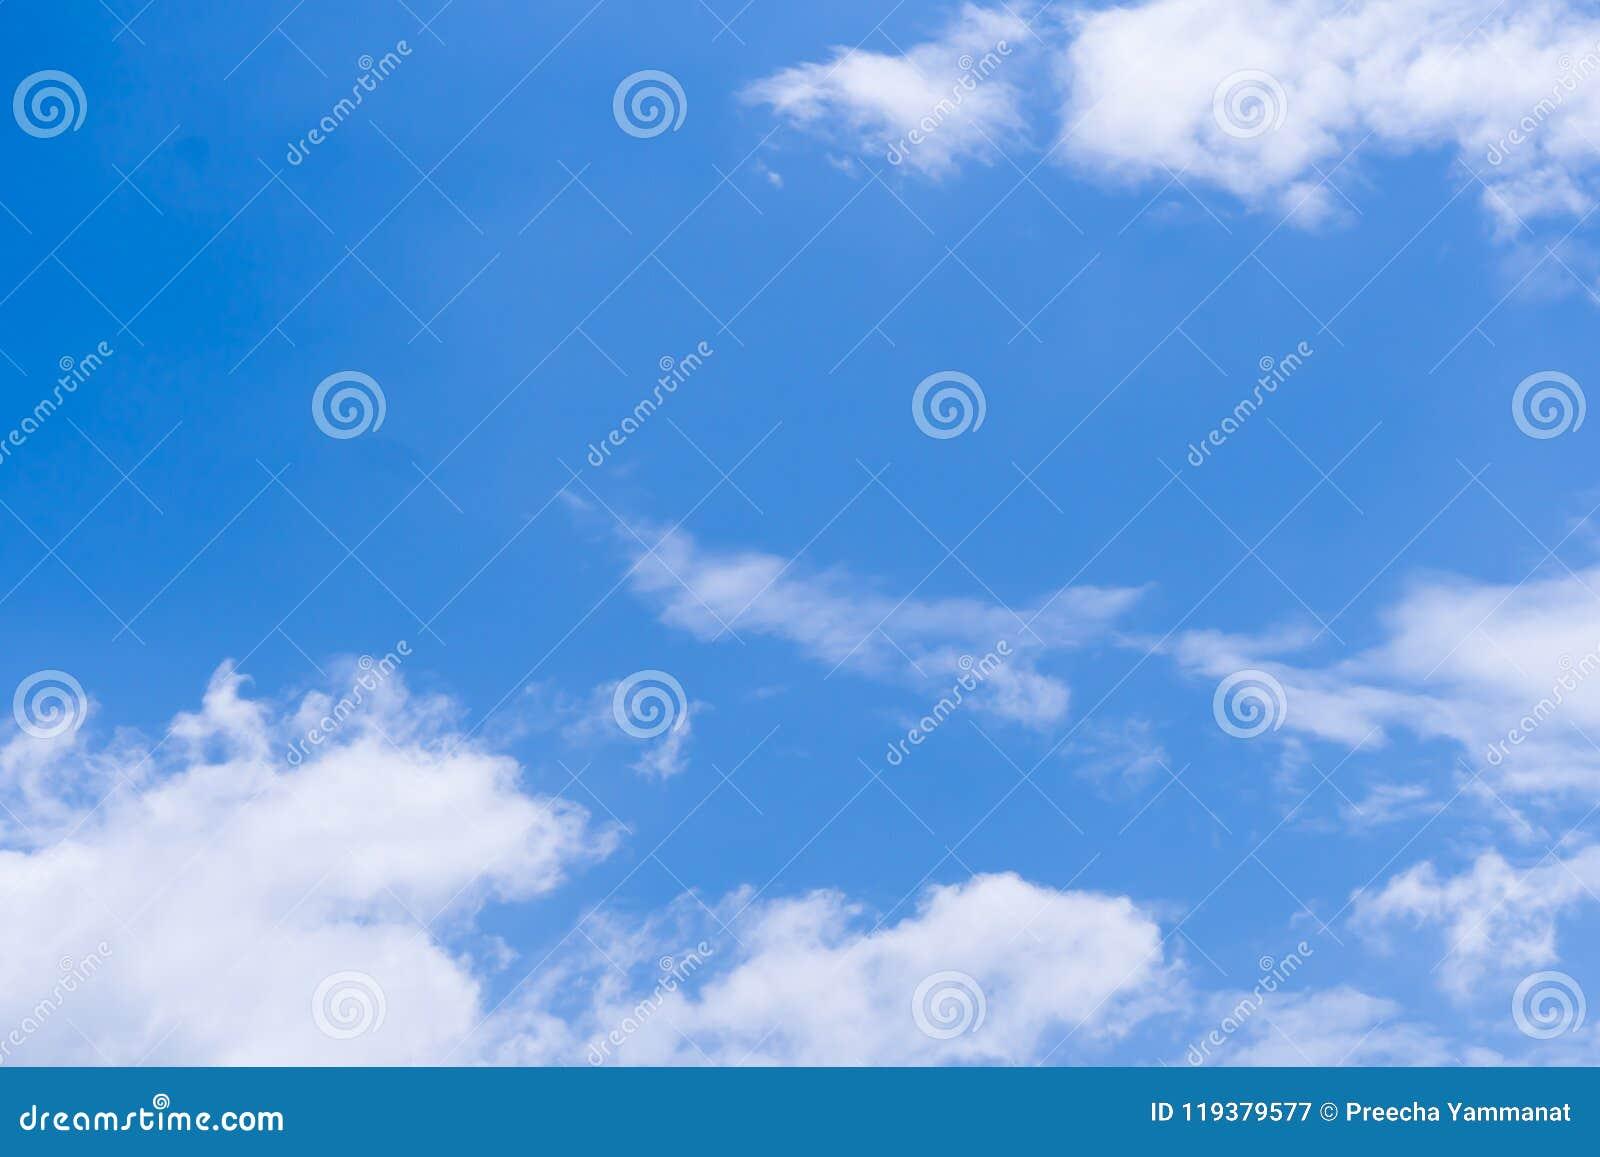 Céu azul com nuvem dentro diariamente